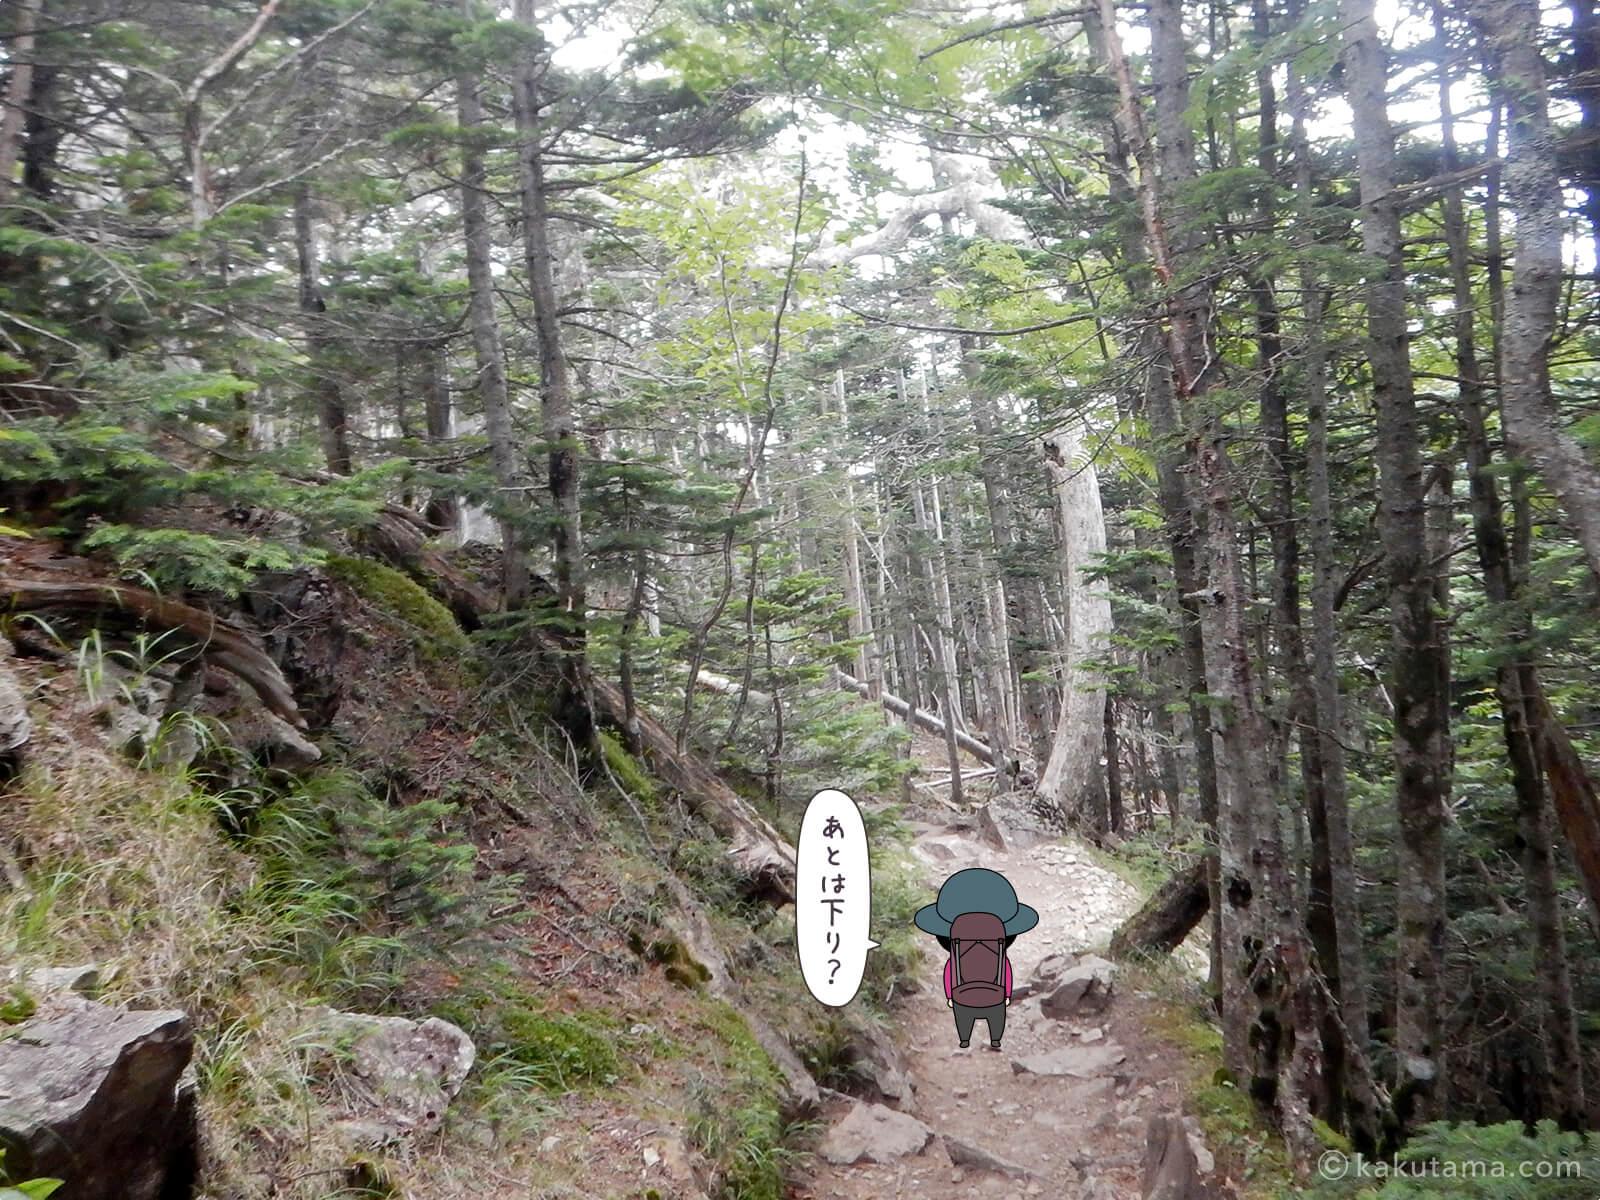 朝日峠から大弛峠へ向かって歩く1